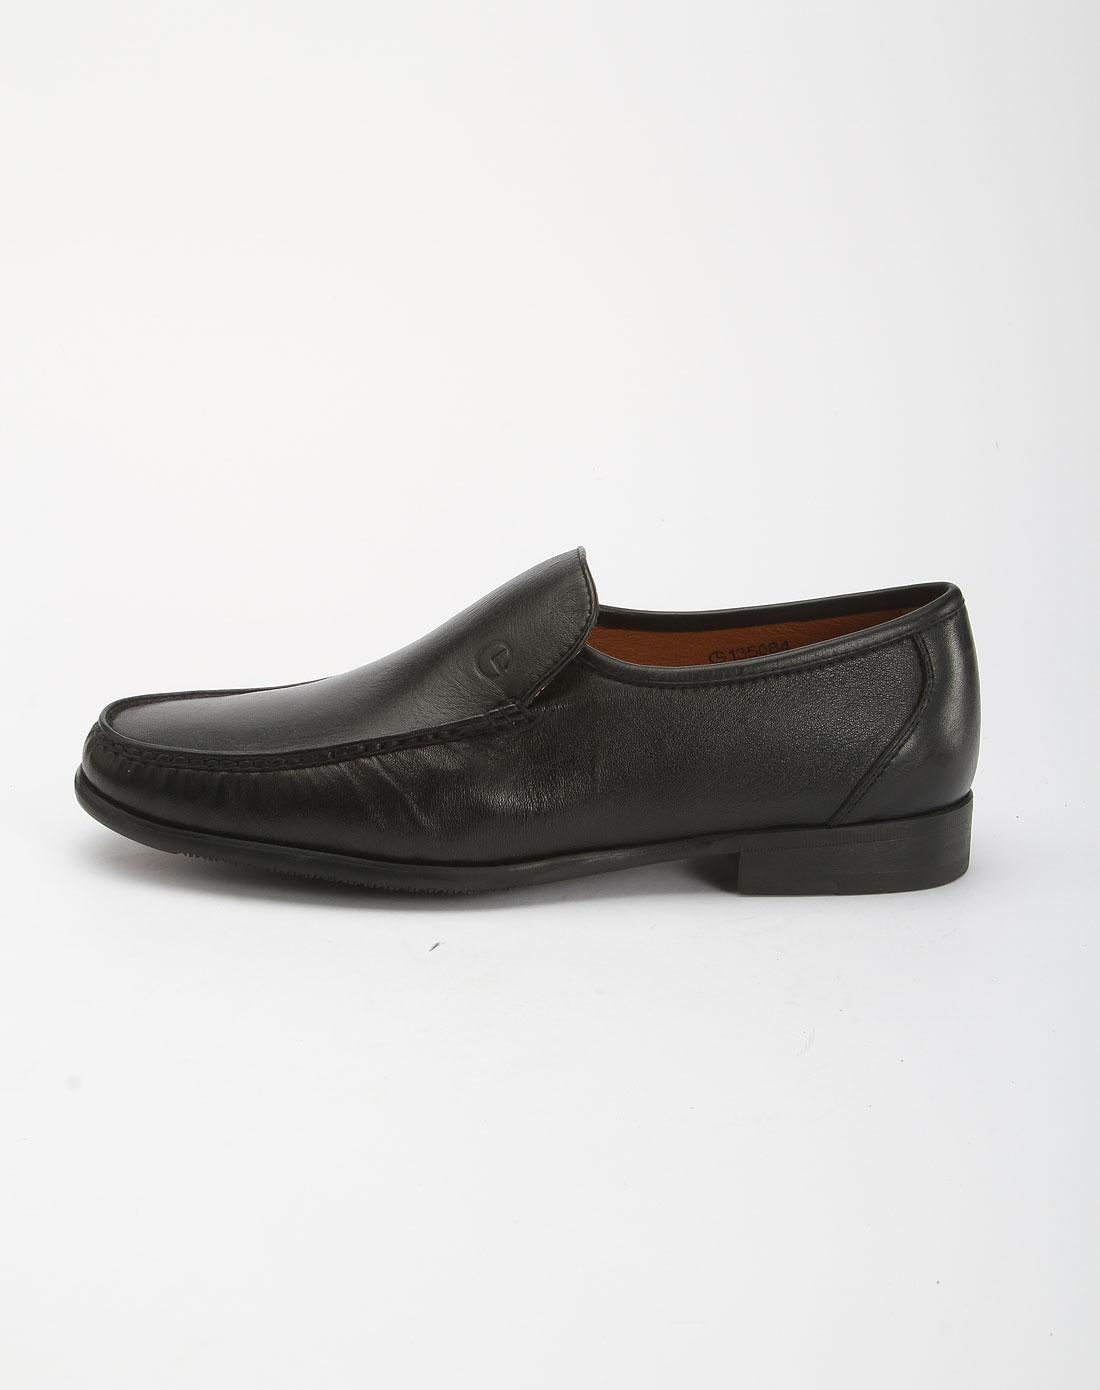 黑色商务皮鞋135084